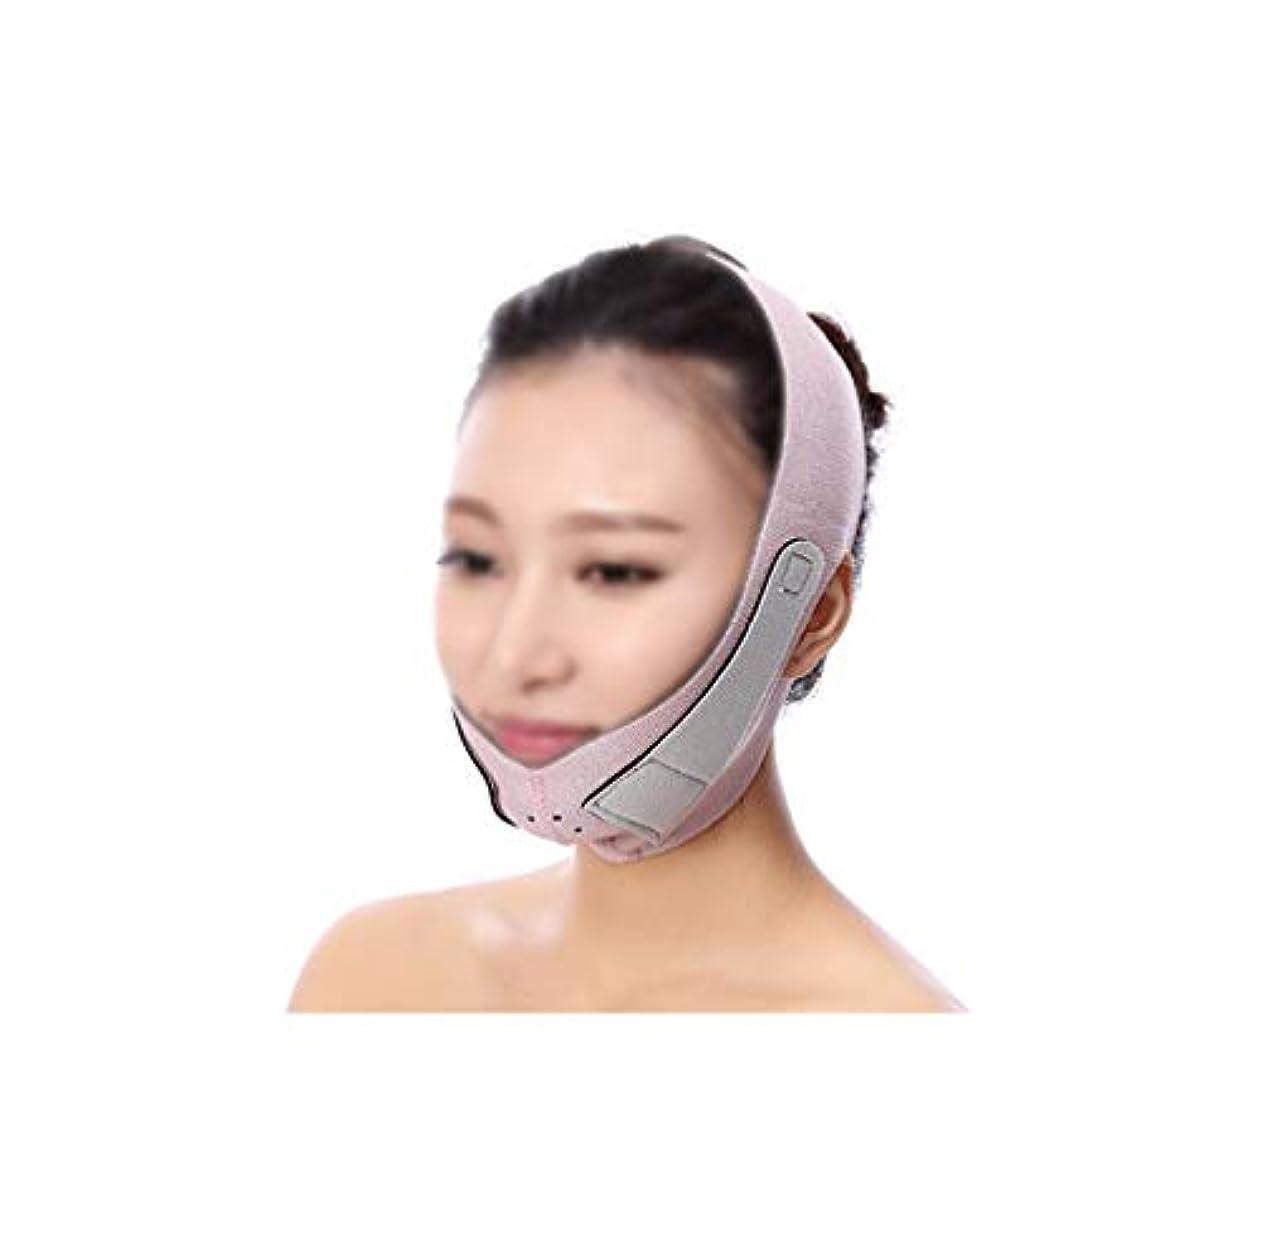 サイト広告するハイキングTLMY 薄い顔マスクあごストラップ回復包帯小さなV顔薄い顔アーティファクト睡眠強力なマスクフェイスリフティング包帯フェイシャルリフティングダブルチンリフティング引き締め 顔用整形マスク